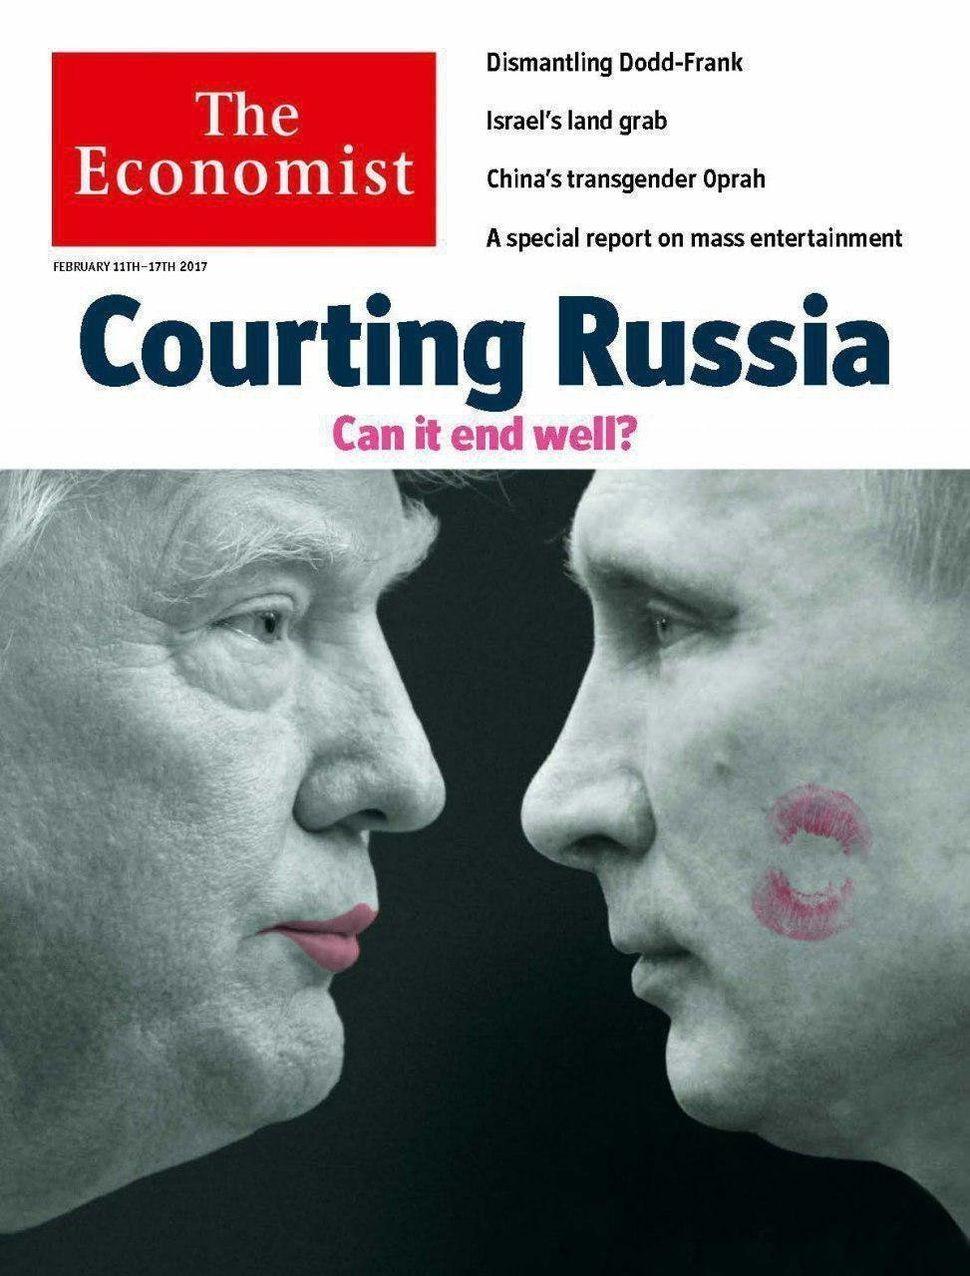 립스틱을 바른 도널드 트럼프가 블라디미르 푸틴을 바라보며 입을 오므리고 있는 이미지가 담긴 이코노미스트